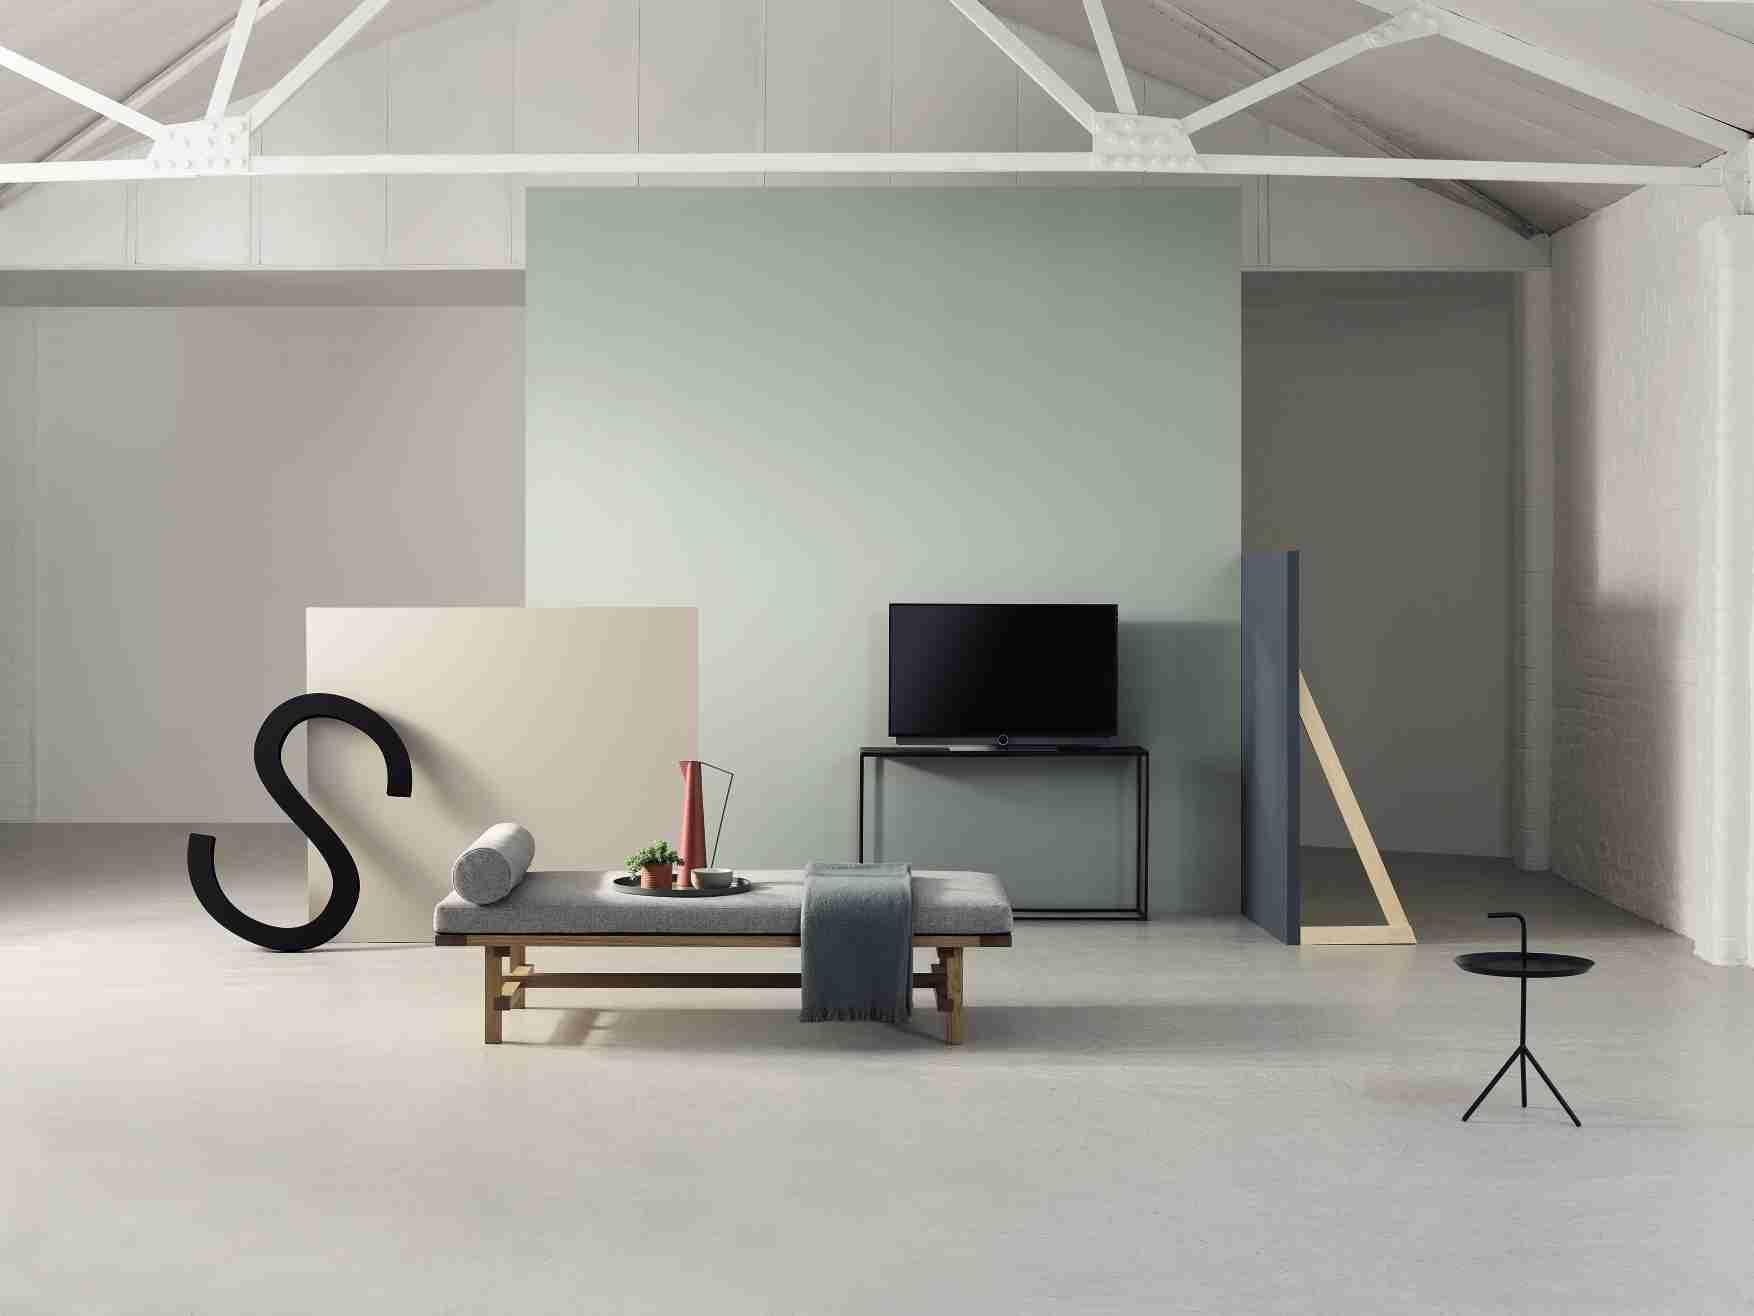 Loewe TV Bild 3 oled